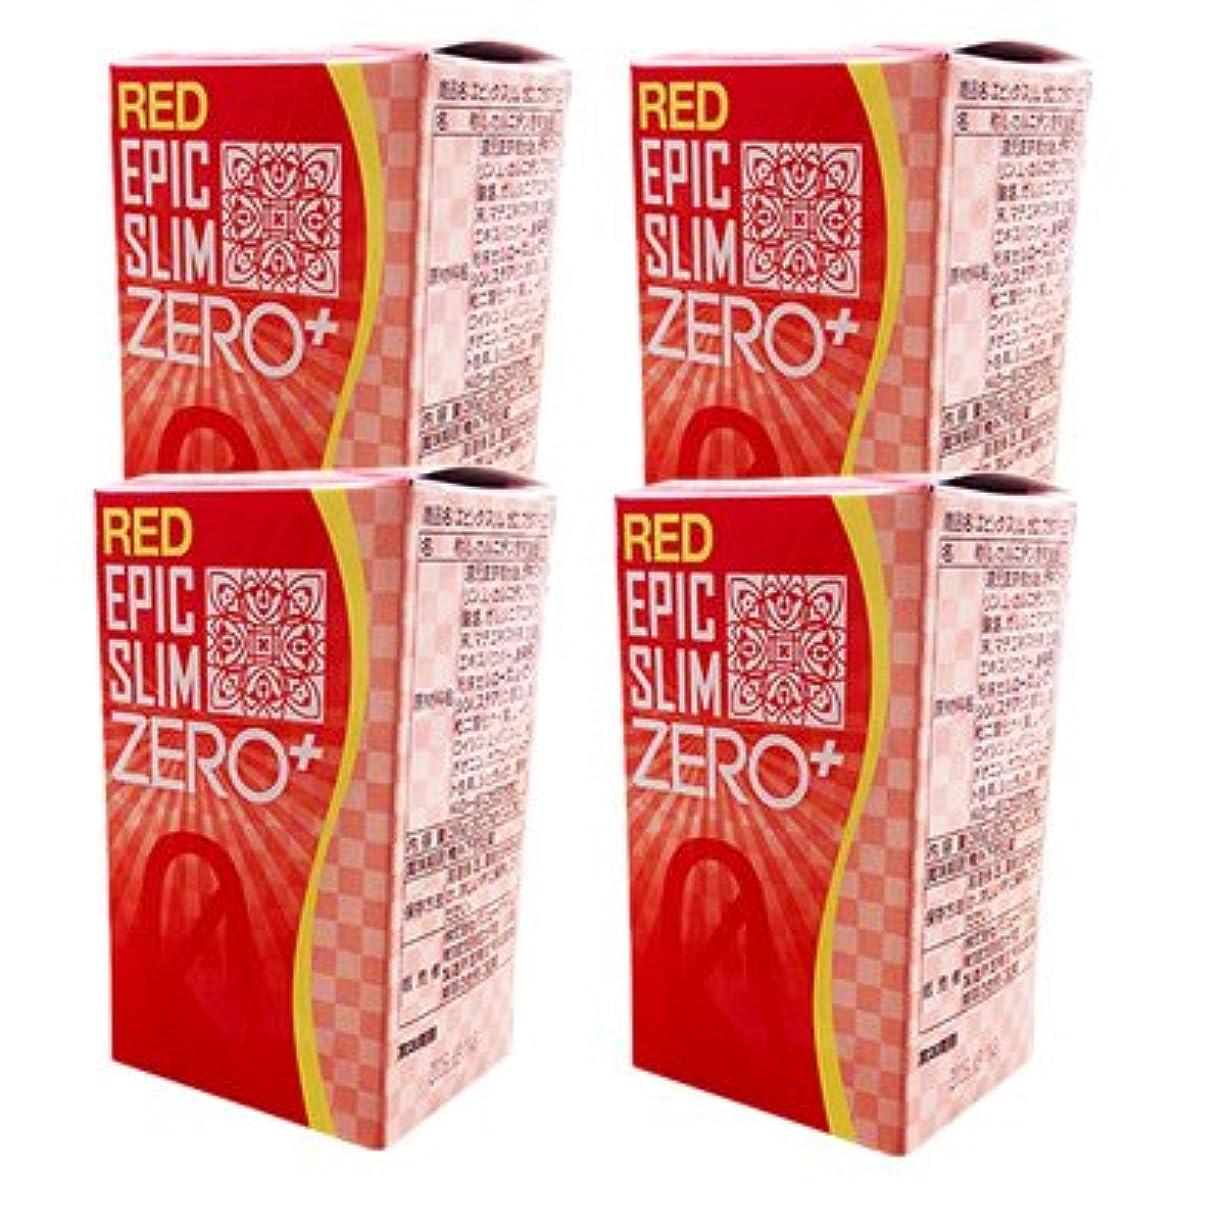 出版尊敬幻滅レッド エピックスリム ゼロ レッド 4個セット!  Epic Slim ZERO RED ×4個